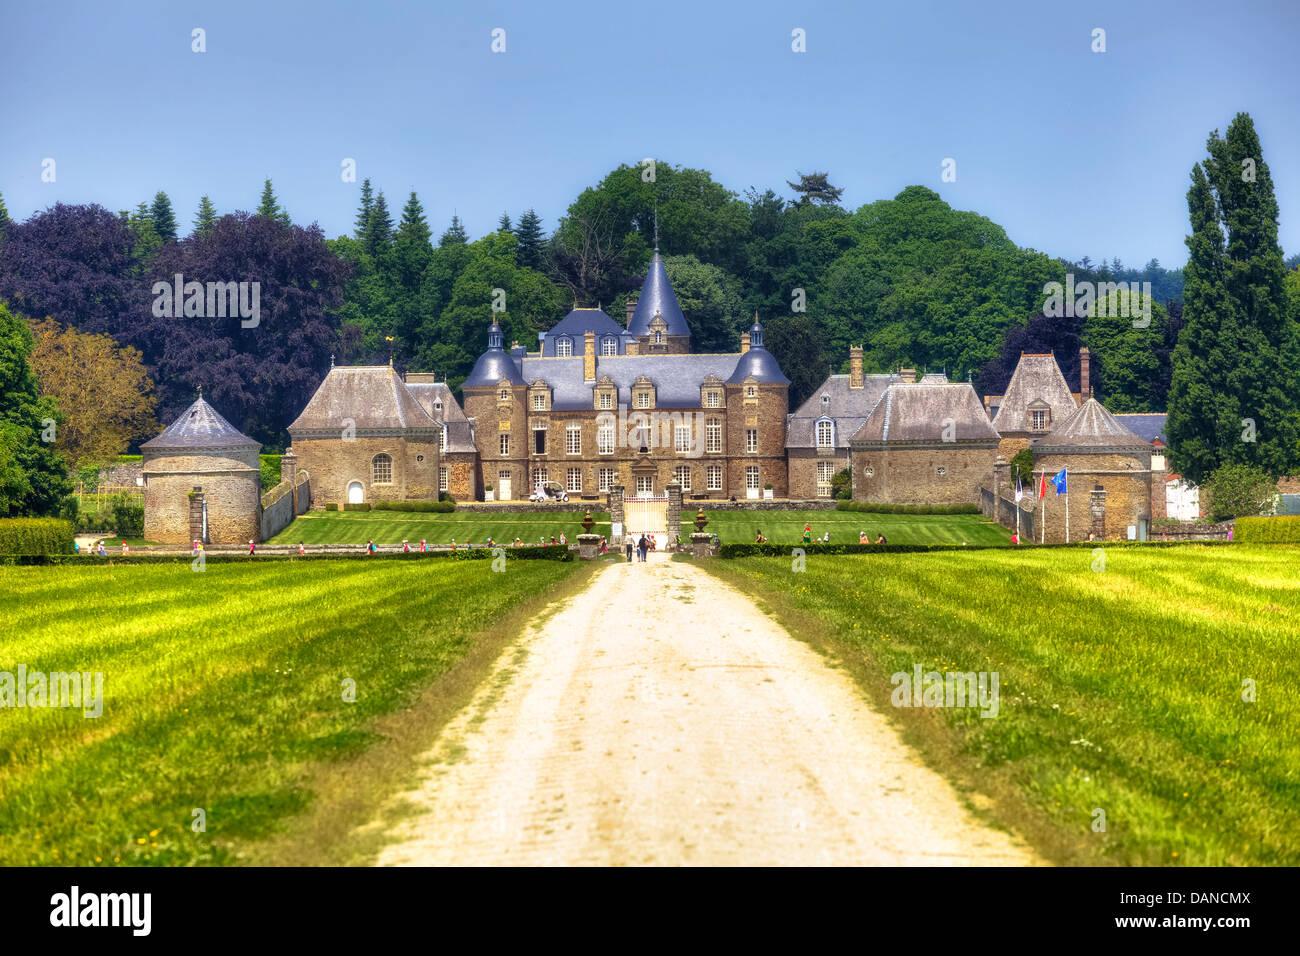 chateau de la bourbansais, Pleugueneuc, Brittany, France - Stock Image